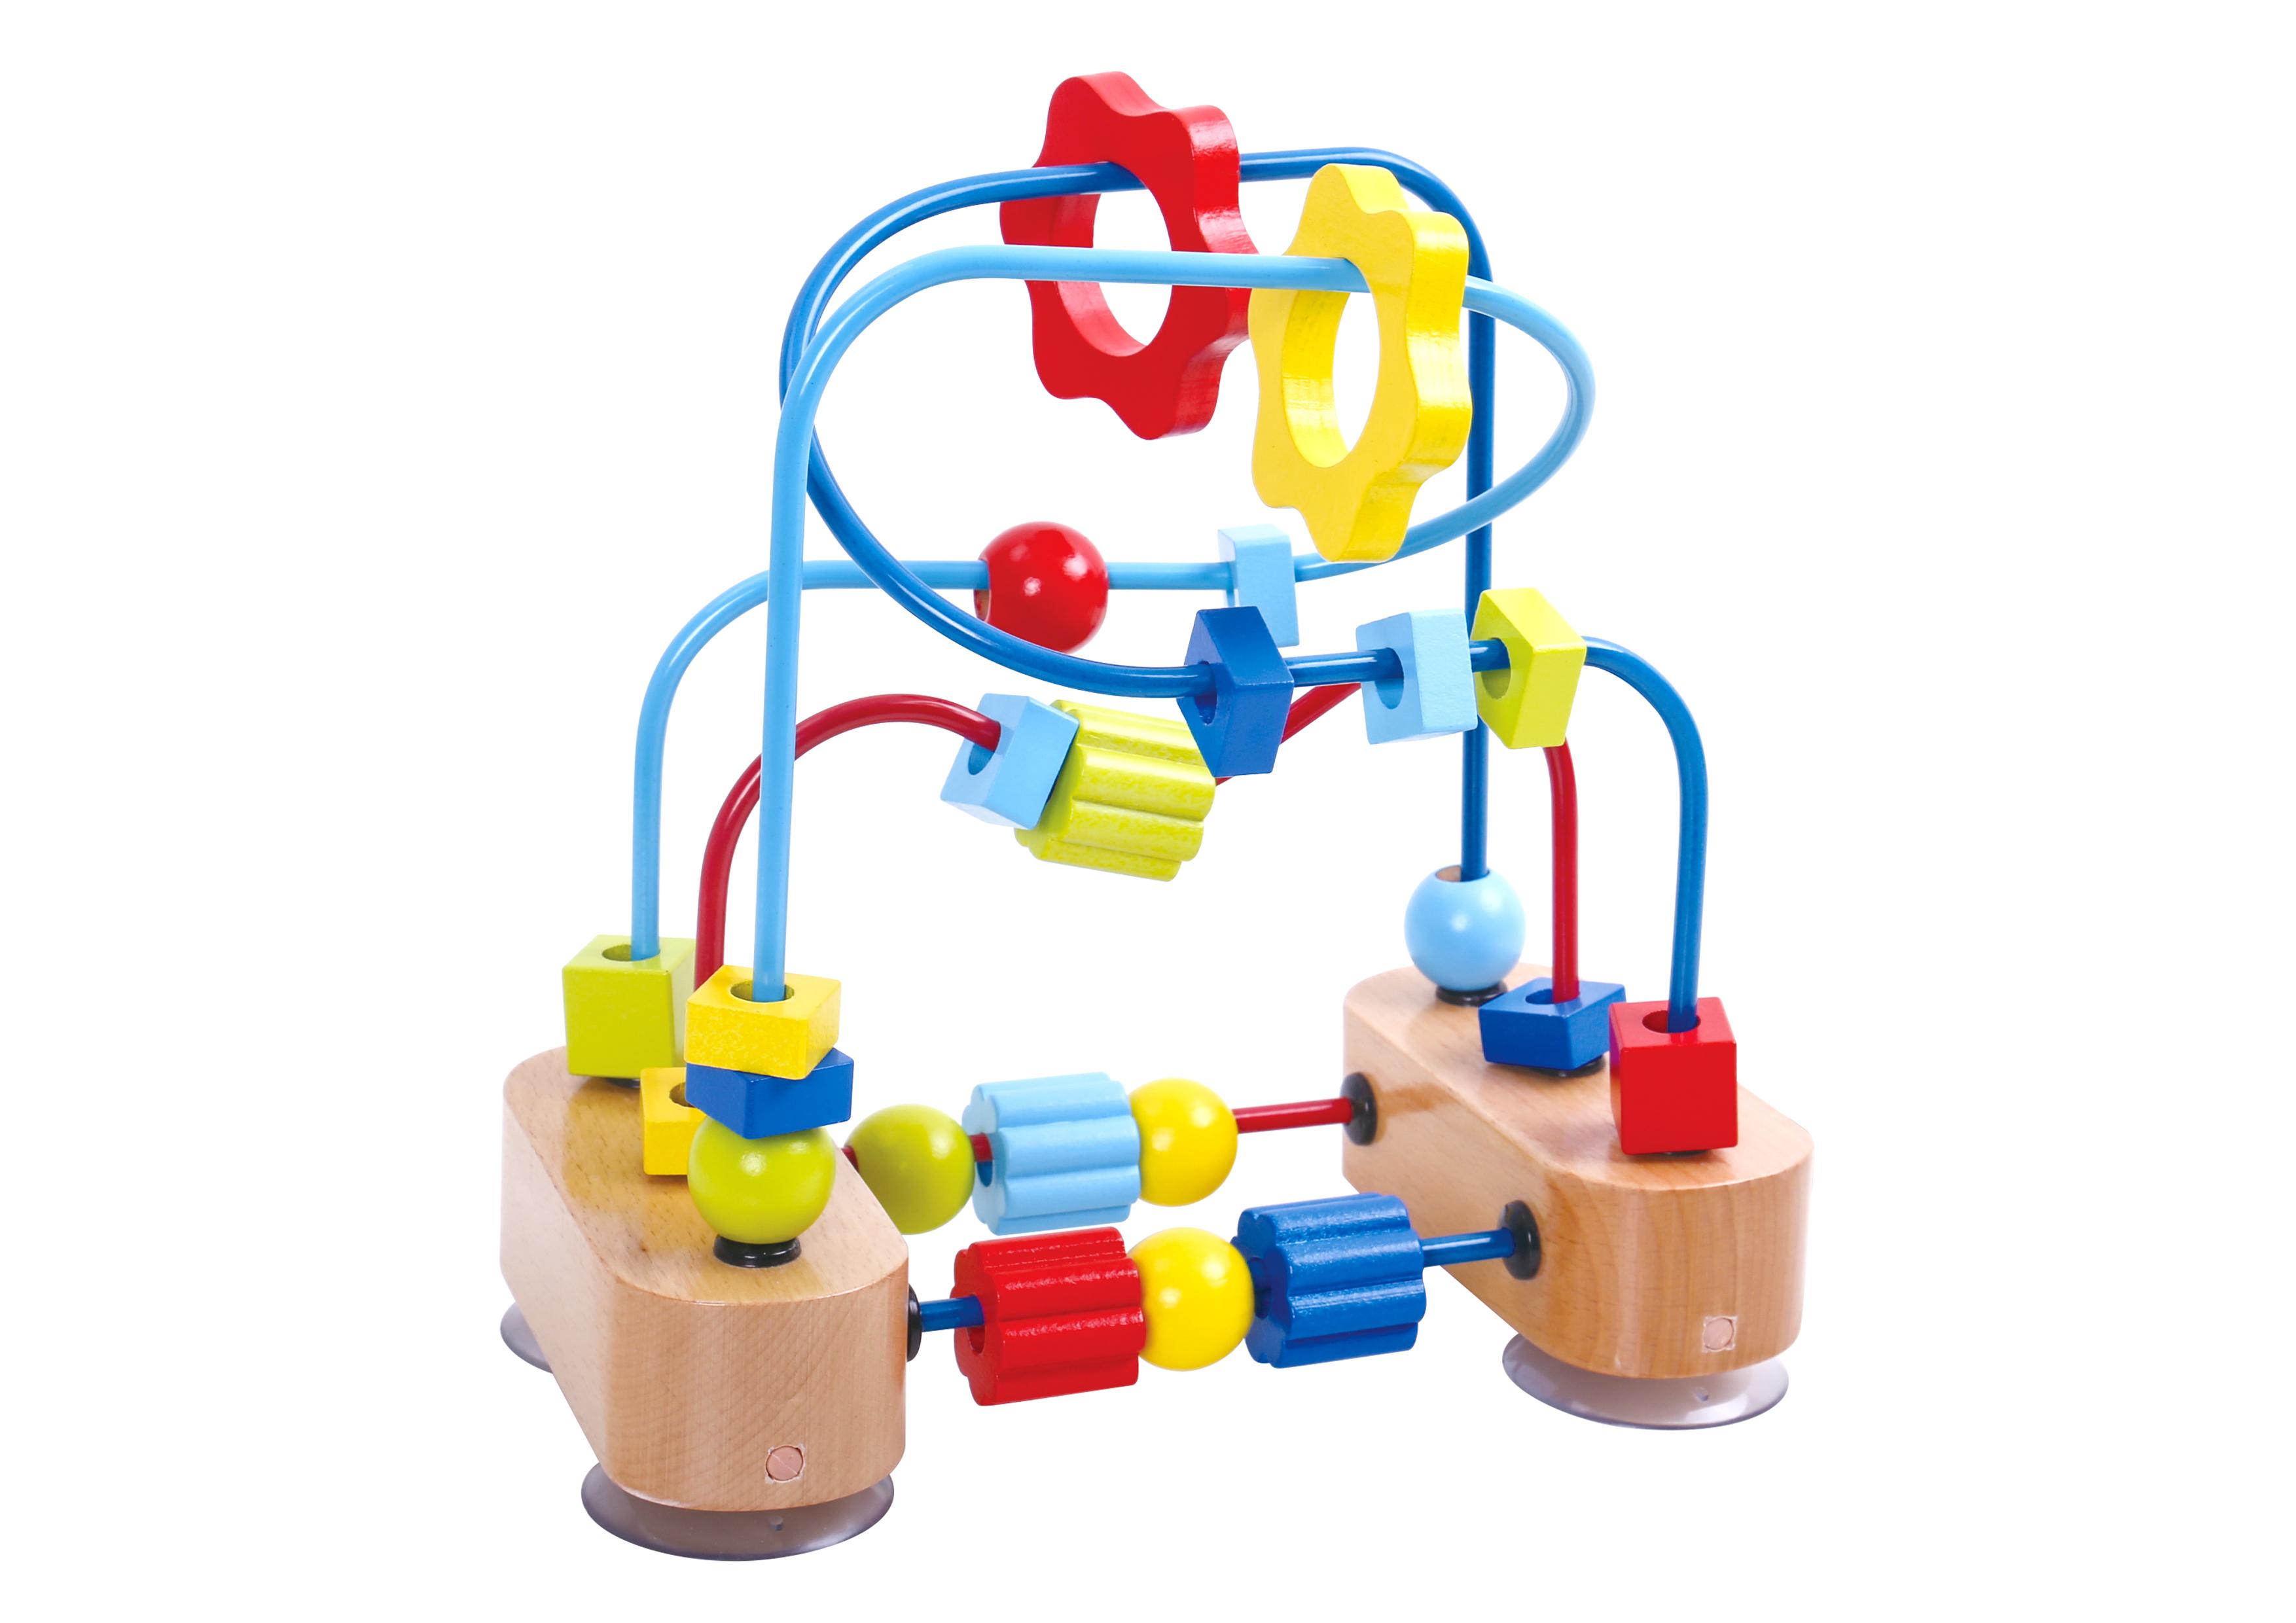 Labirint margele pentru dexteritate tooky toy imagine